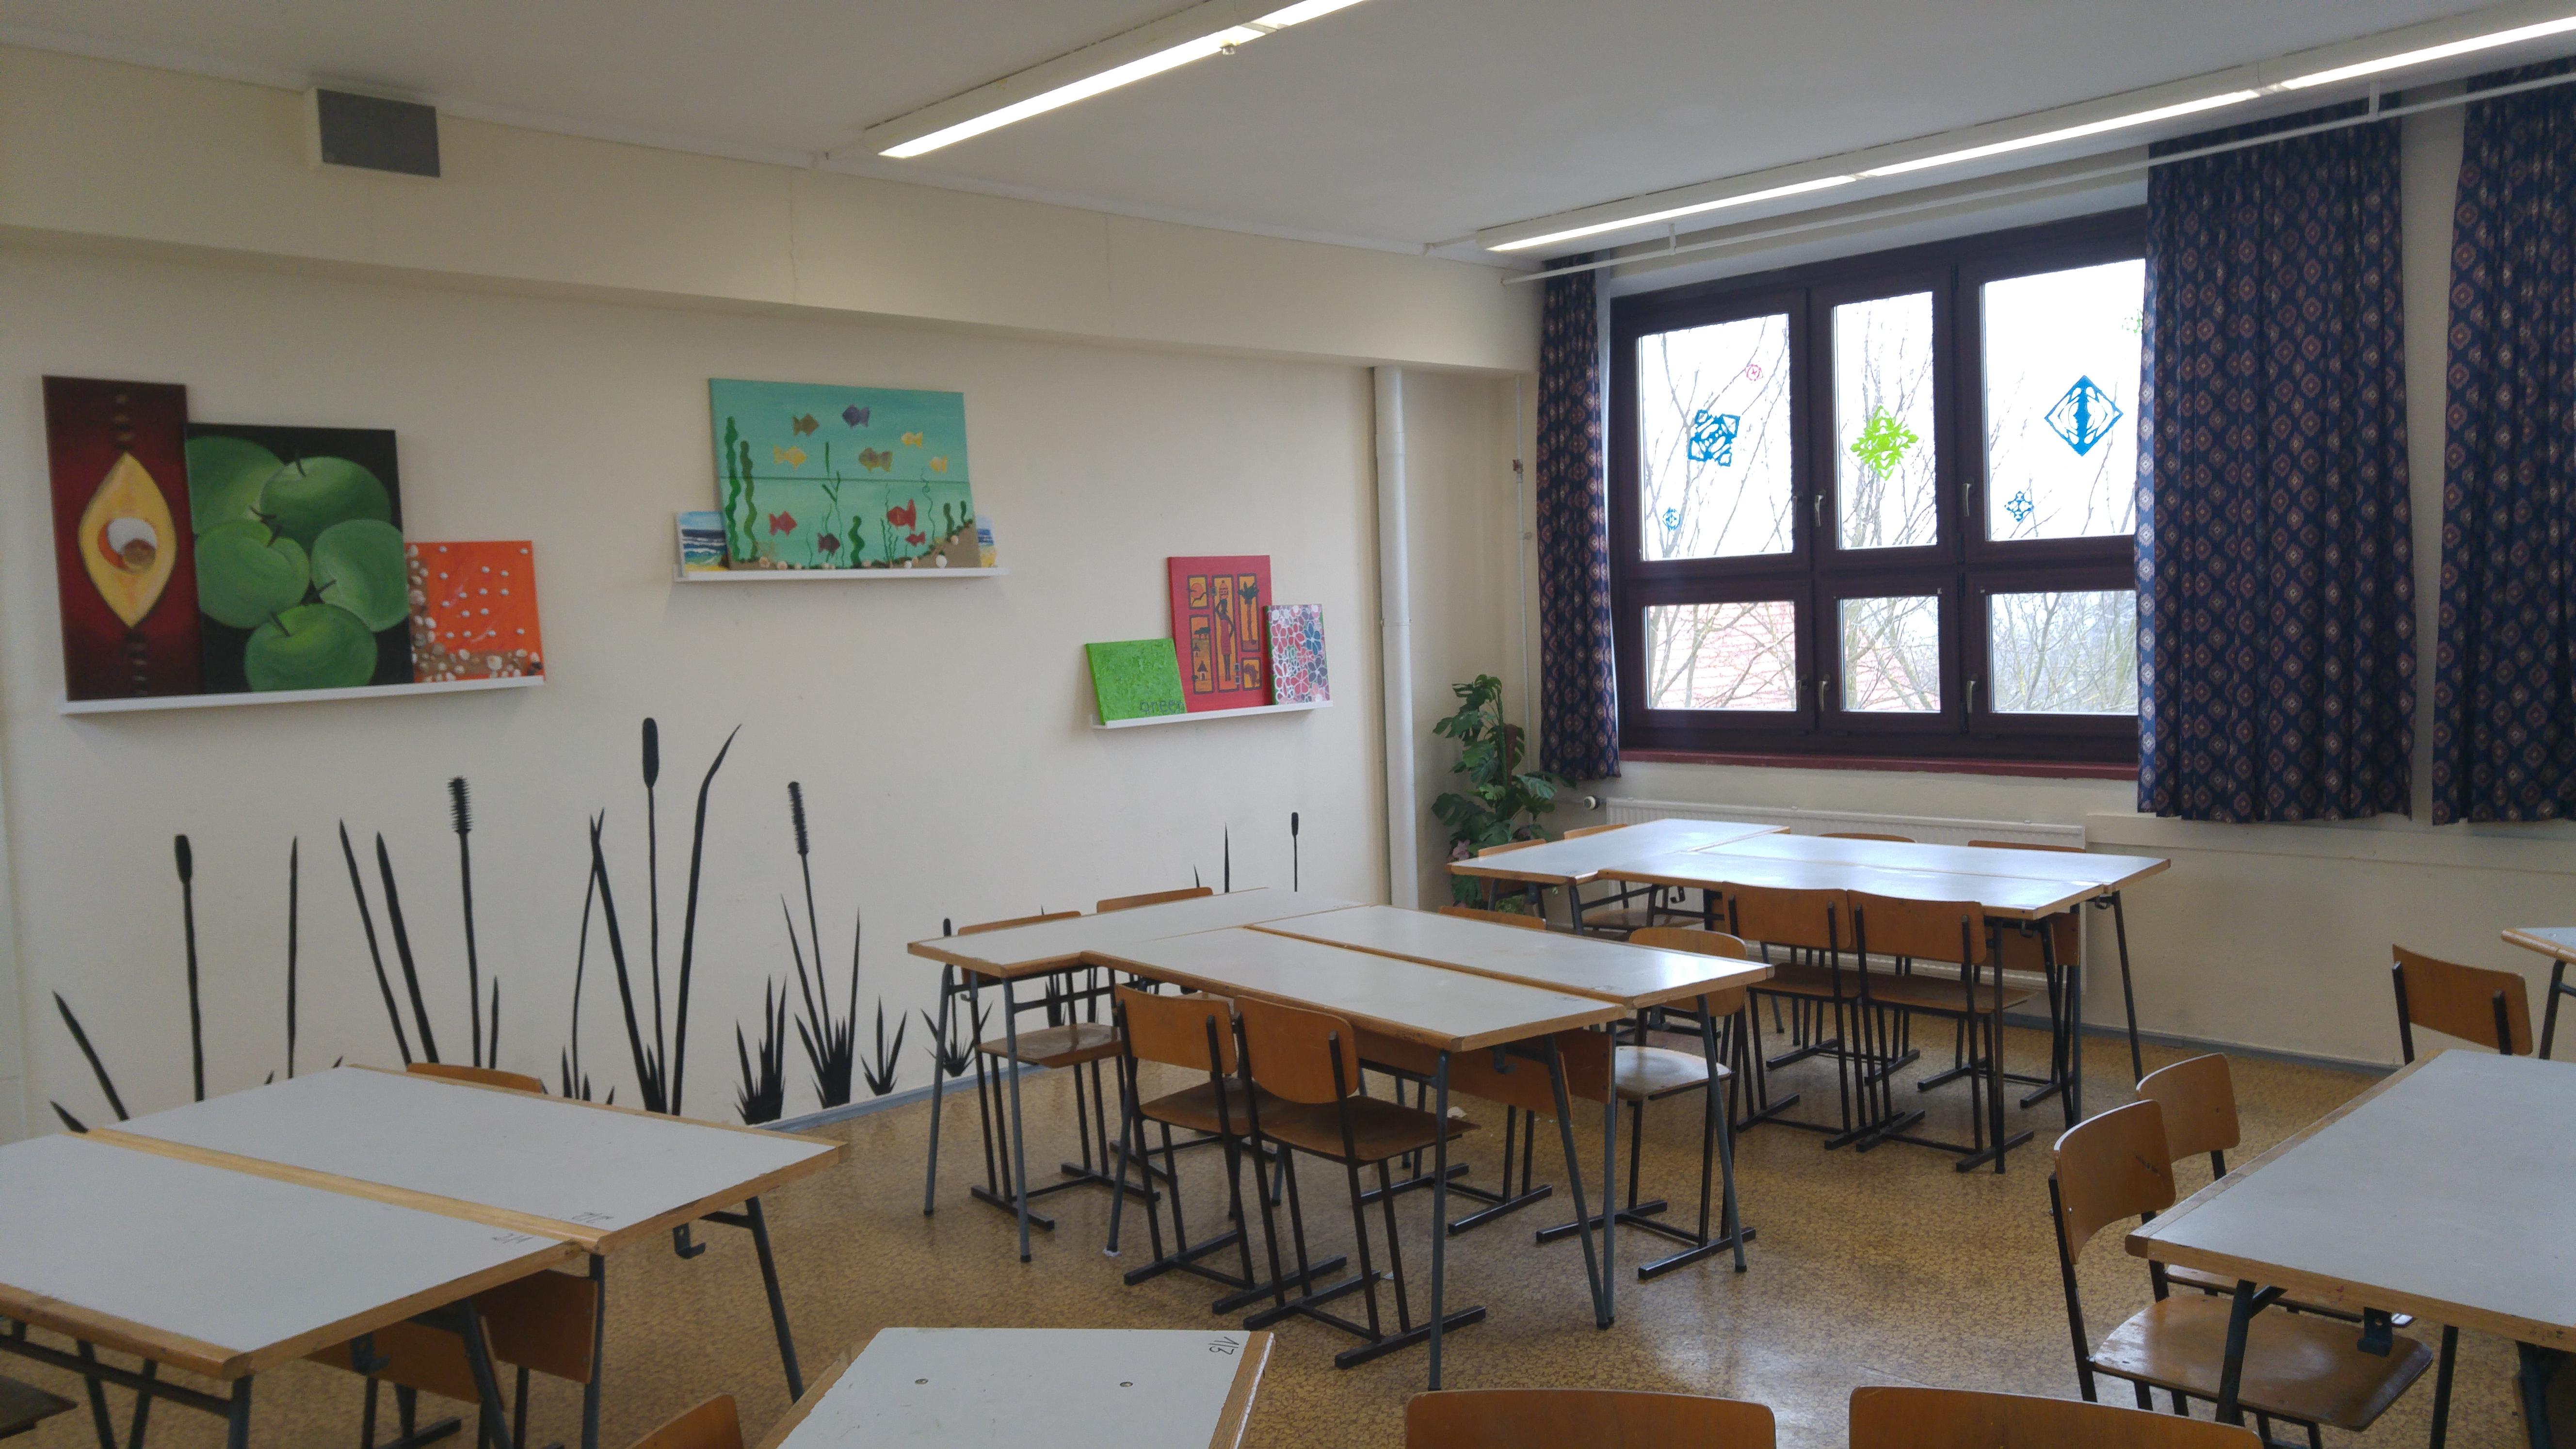 Unsere regelschule soll farbenfroh und noch einladender erstrahlen ...